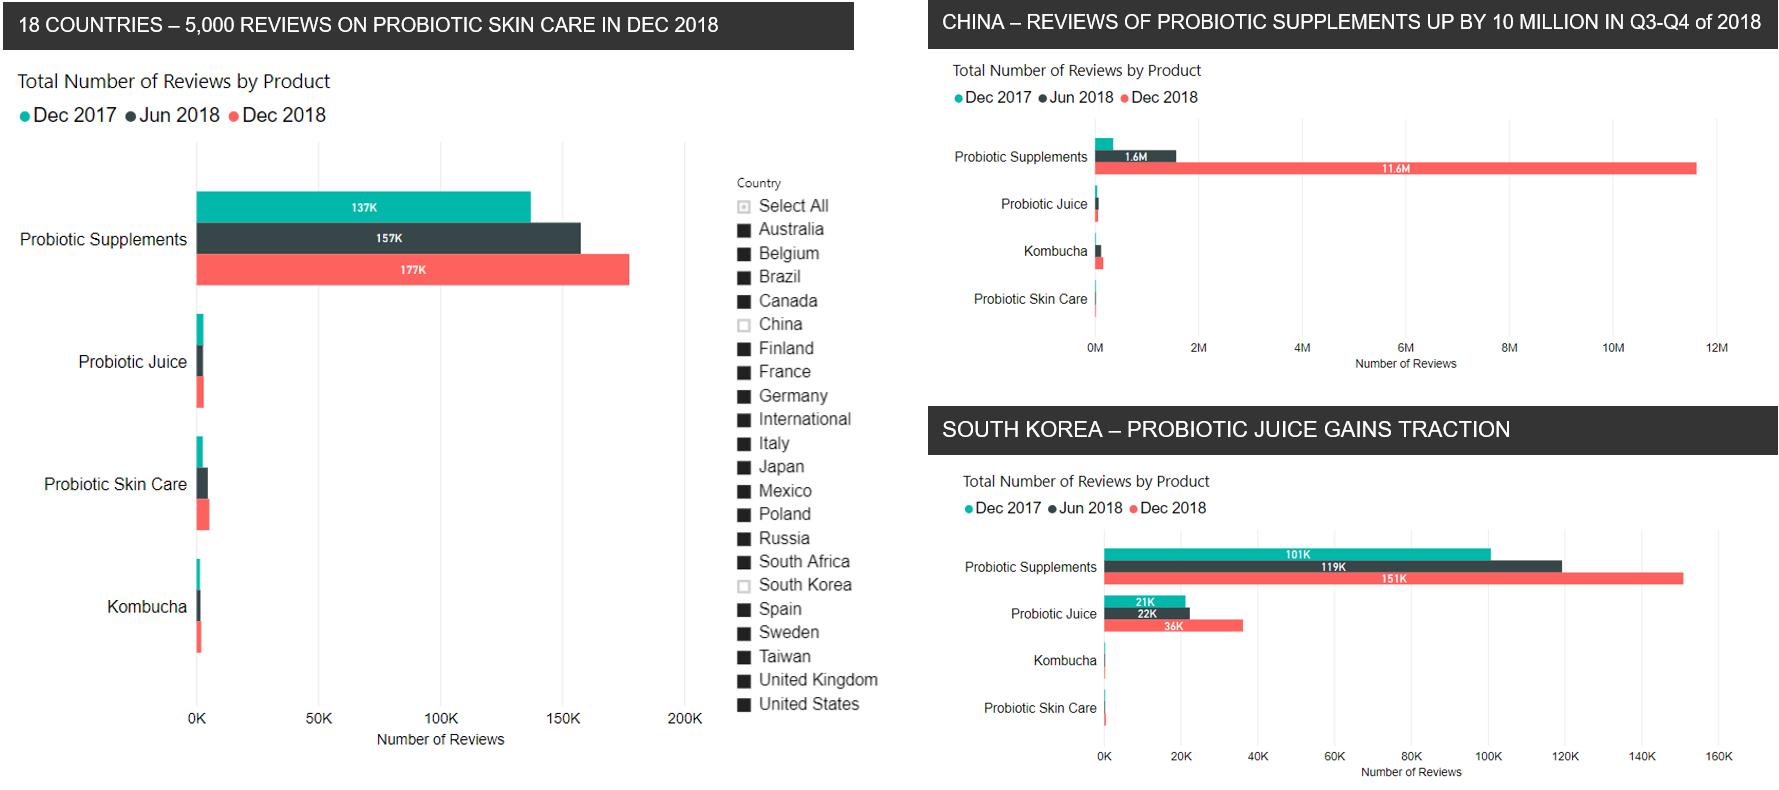 Consumer engagement probiotics